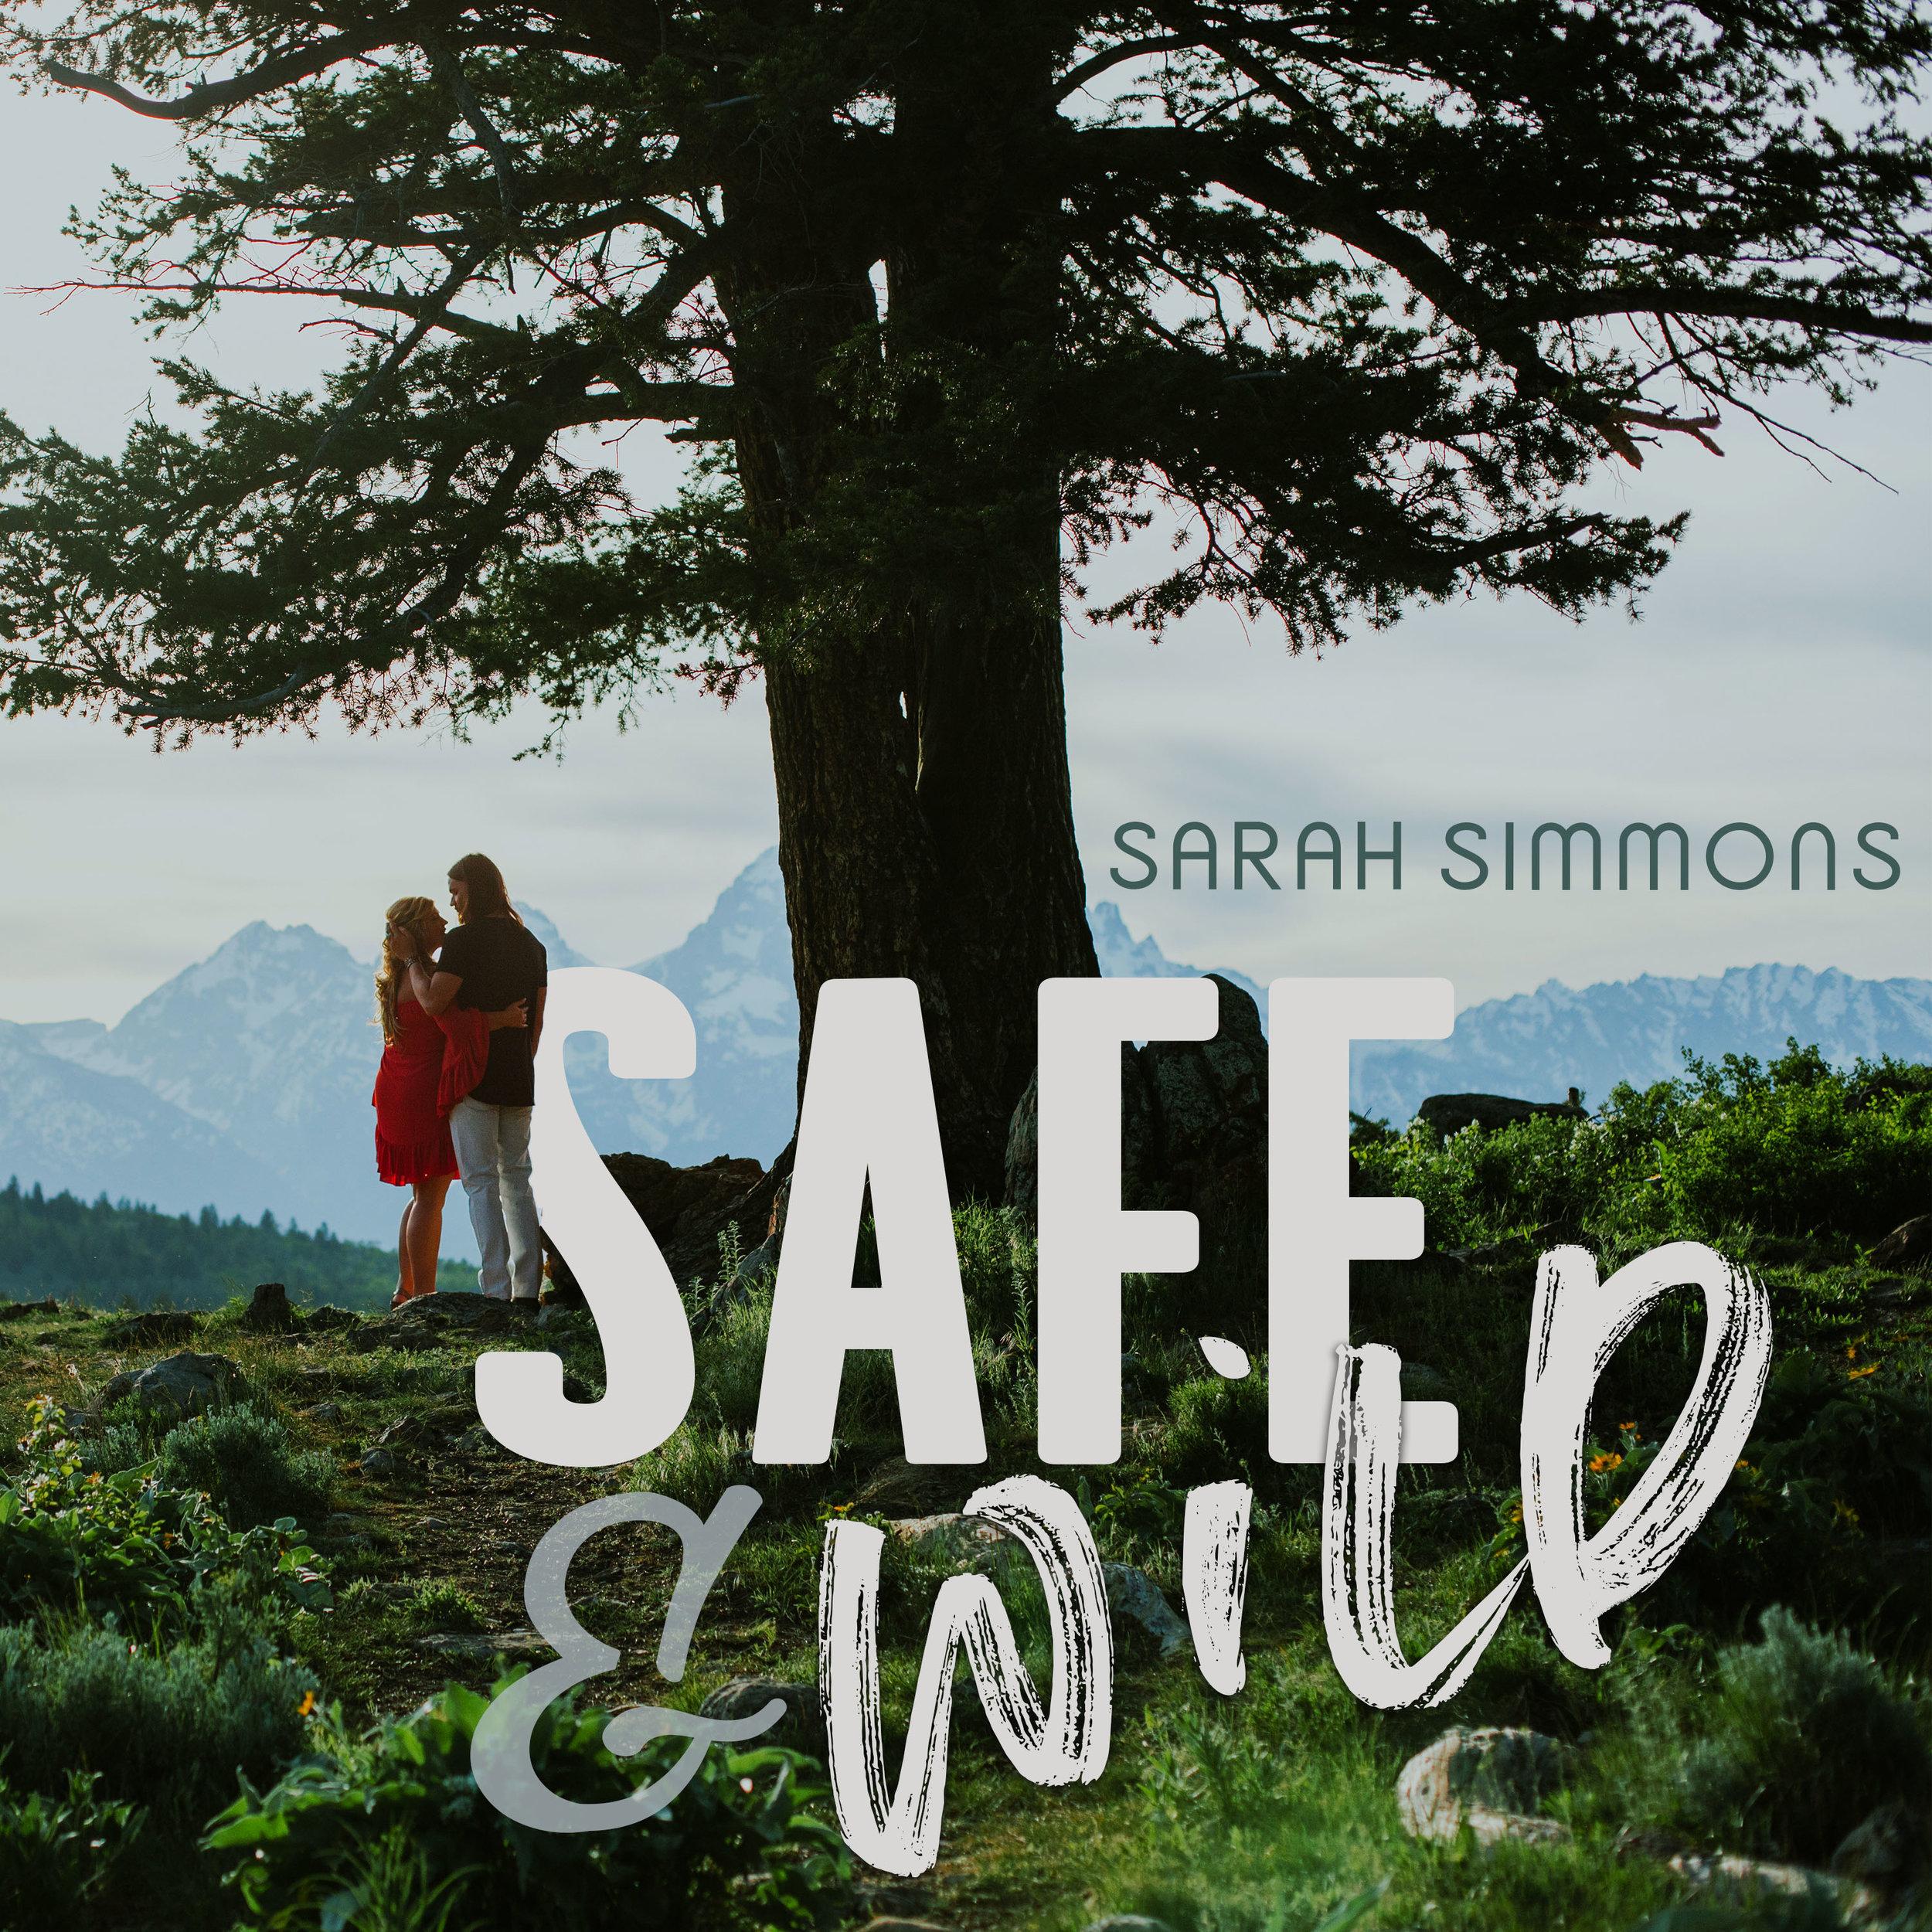 SARAHSIMMONS_SAFEANDWILD_SINGLEART.jpg